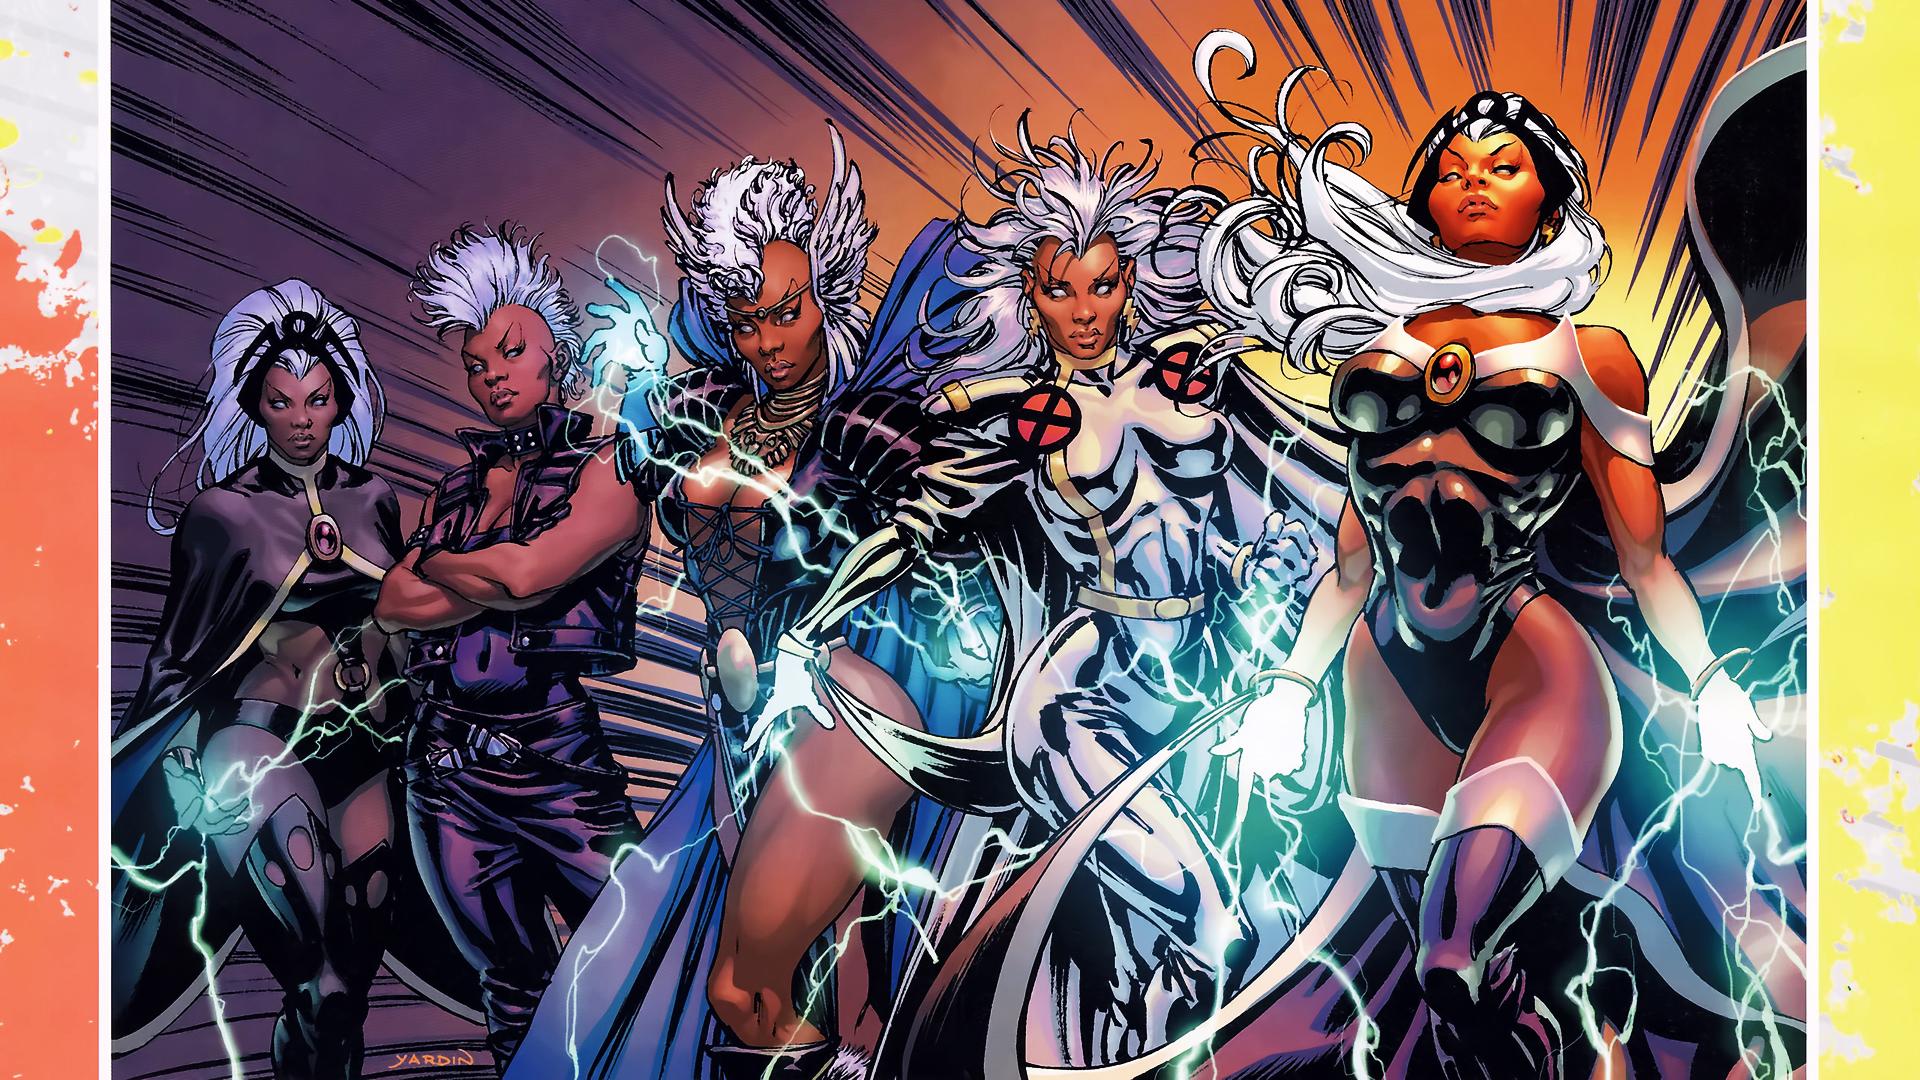 XMen Storm Wallpaper 1920x1080 XMen Storm Marvel Comics 1920x1080